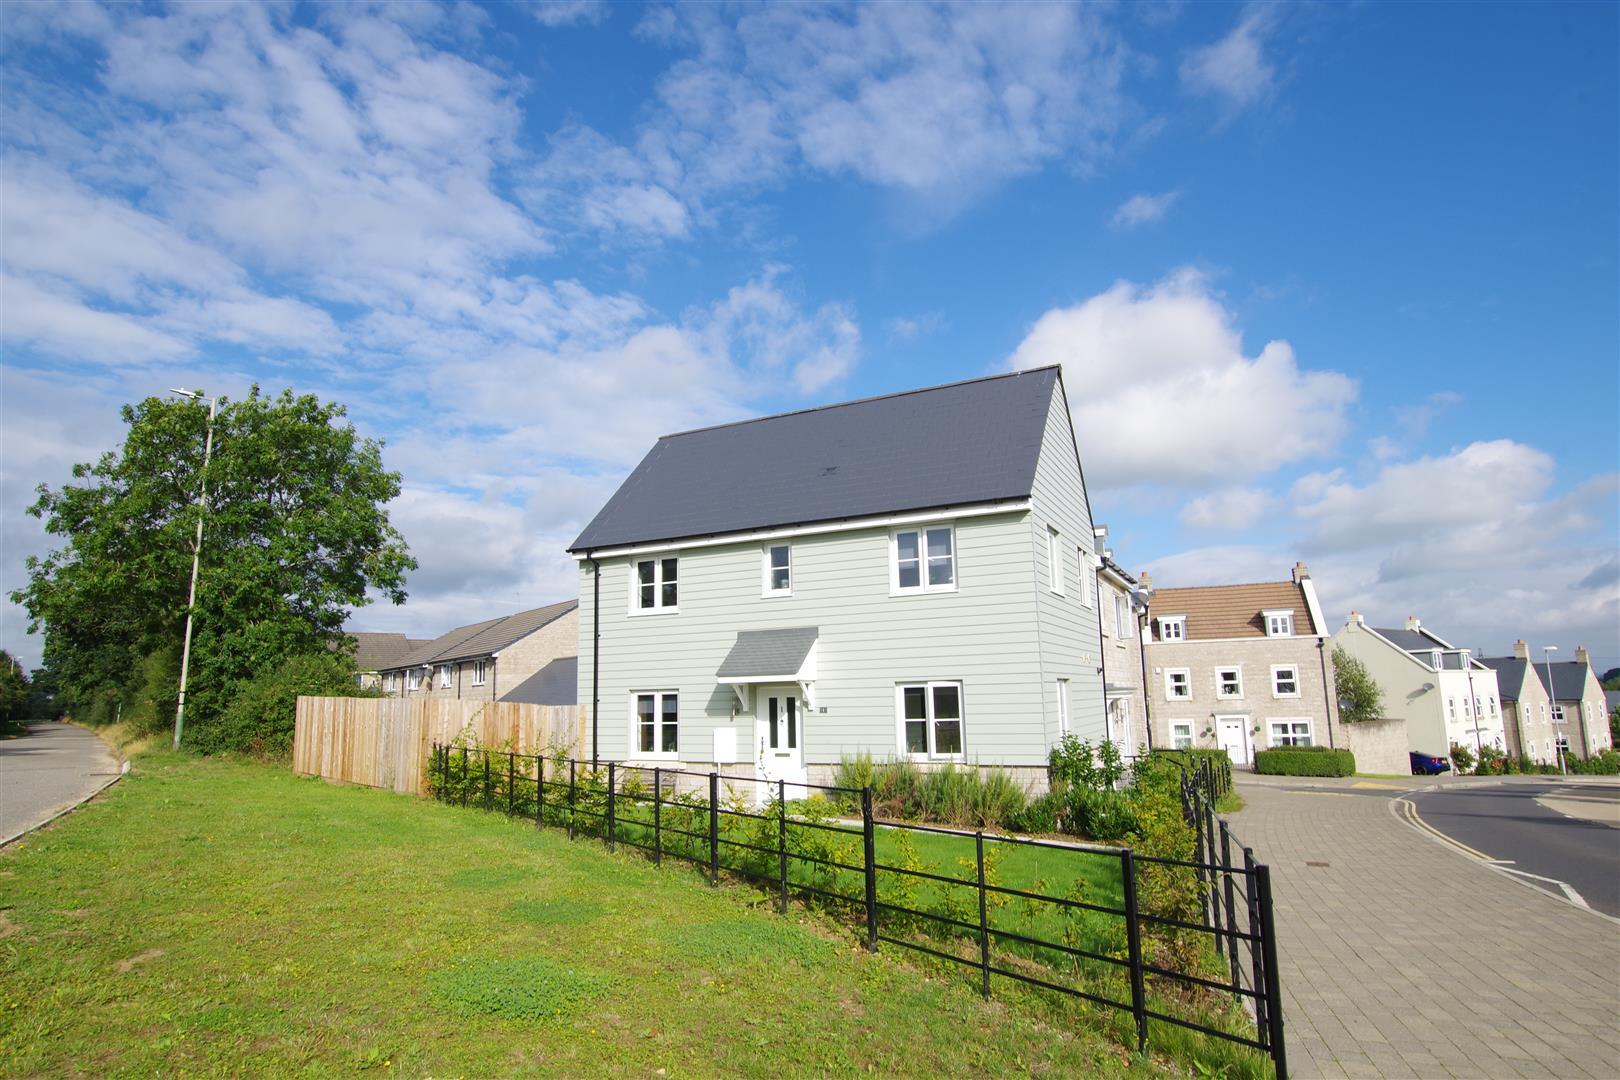 Cowleaze, Ridgeway Farm, Swindon